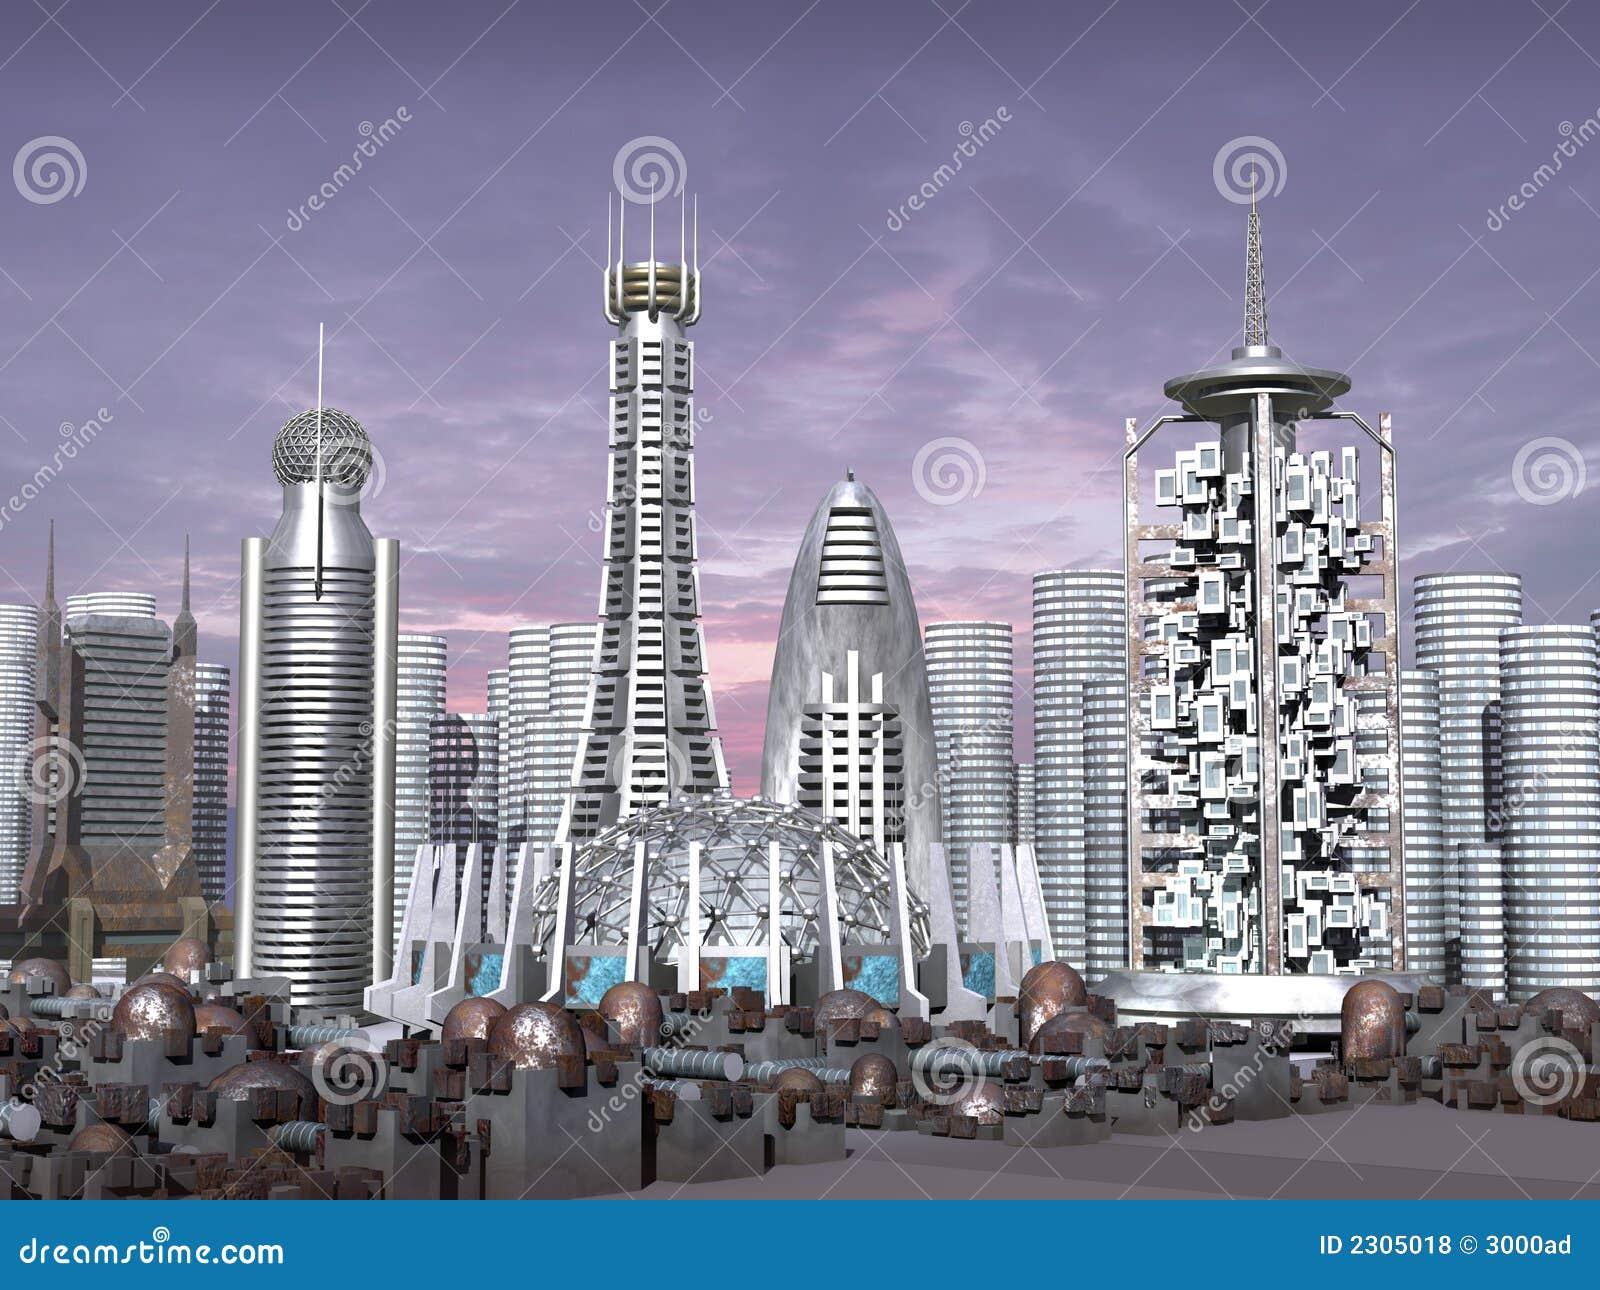 Modelo 3d de la ciudad de la ciencia ficción